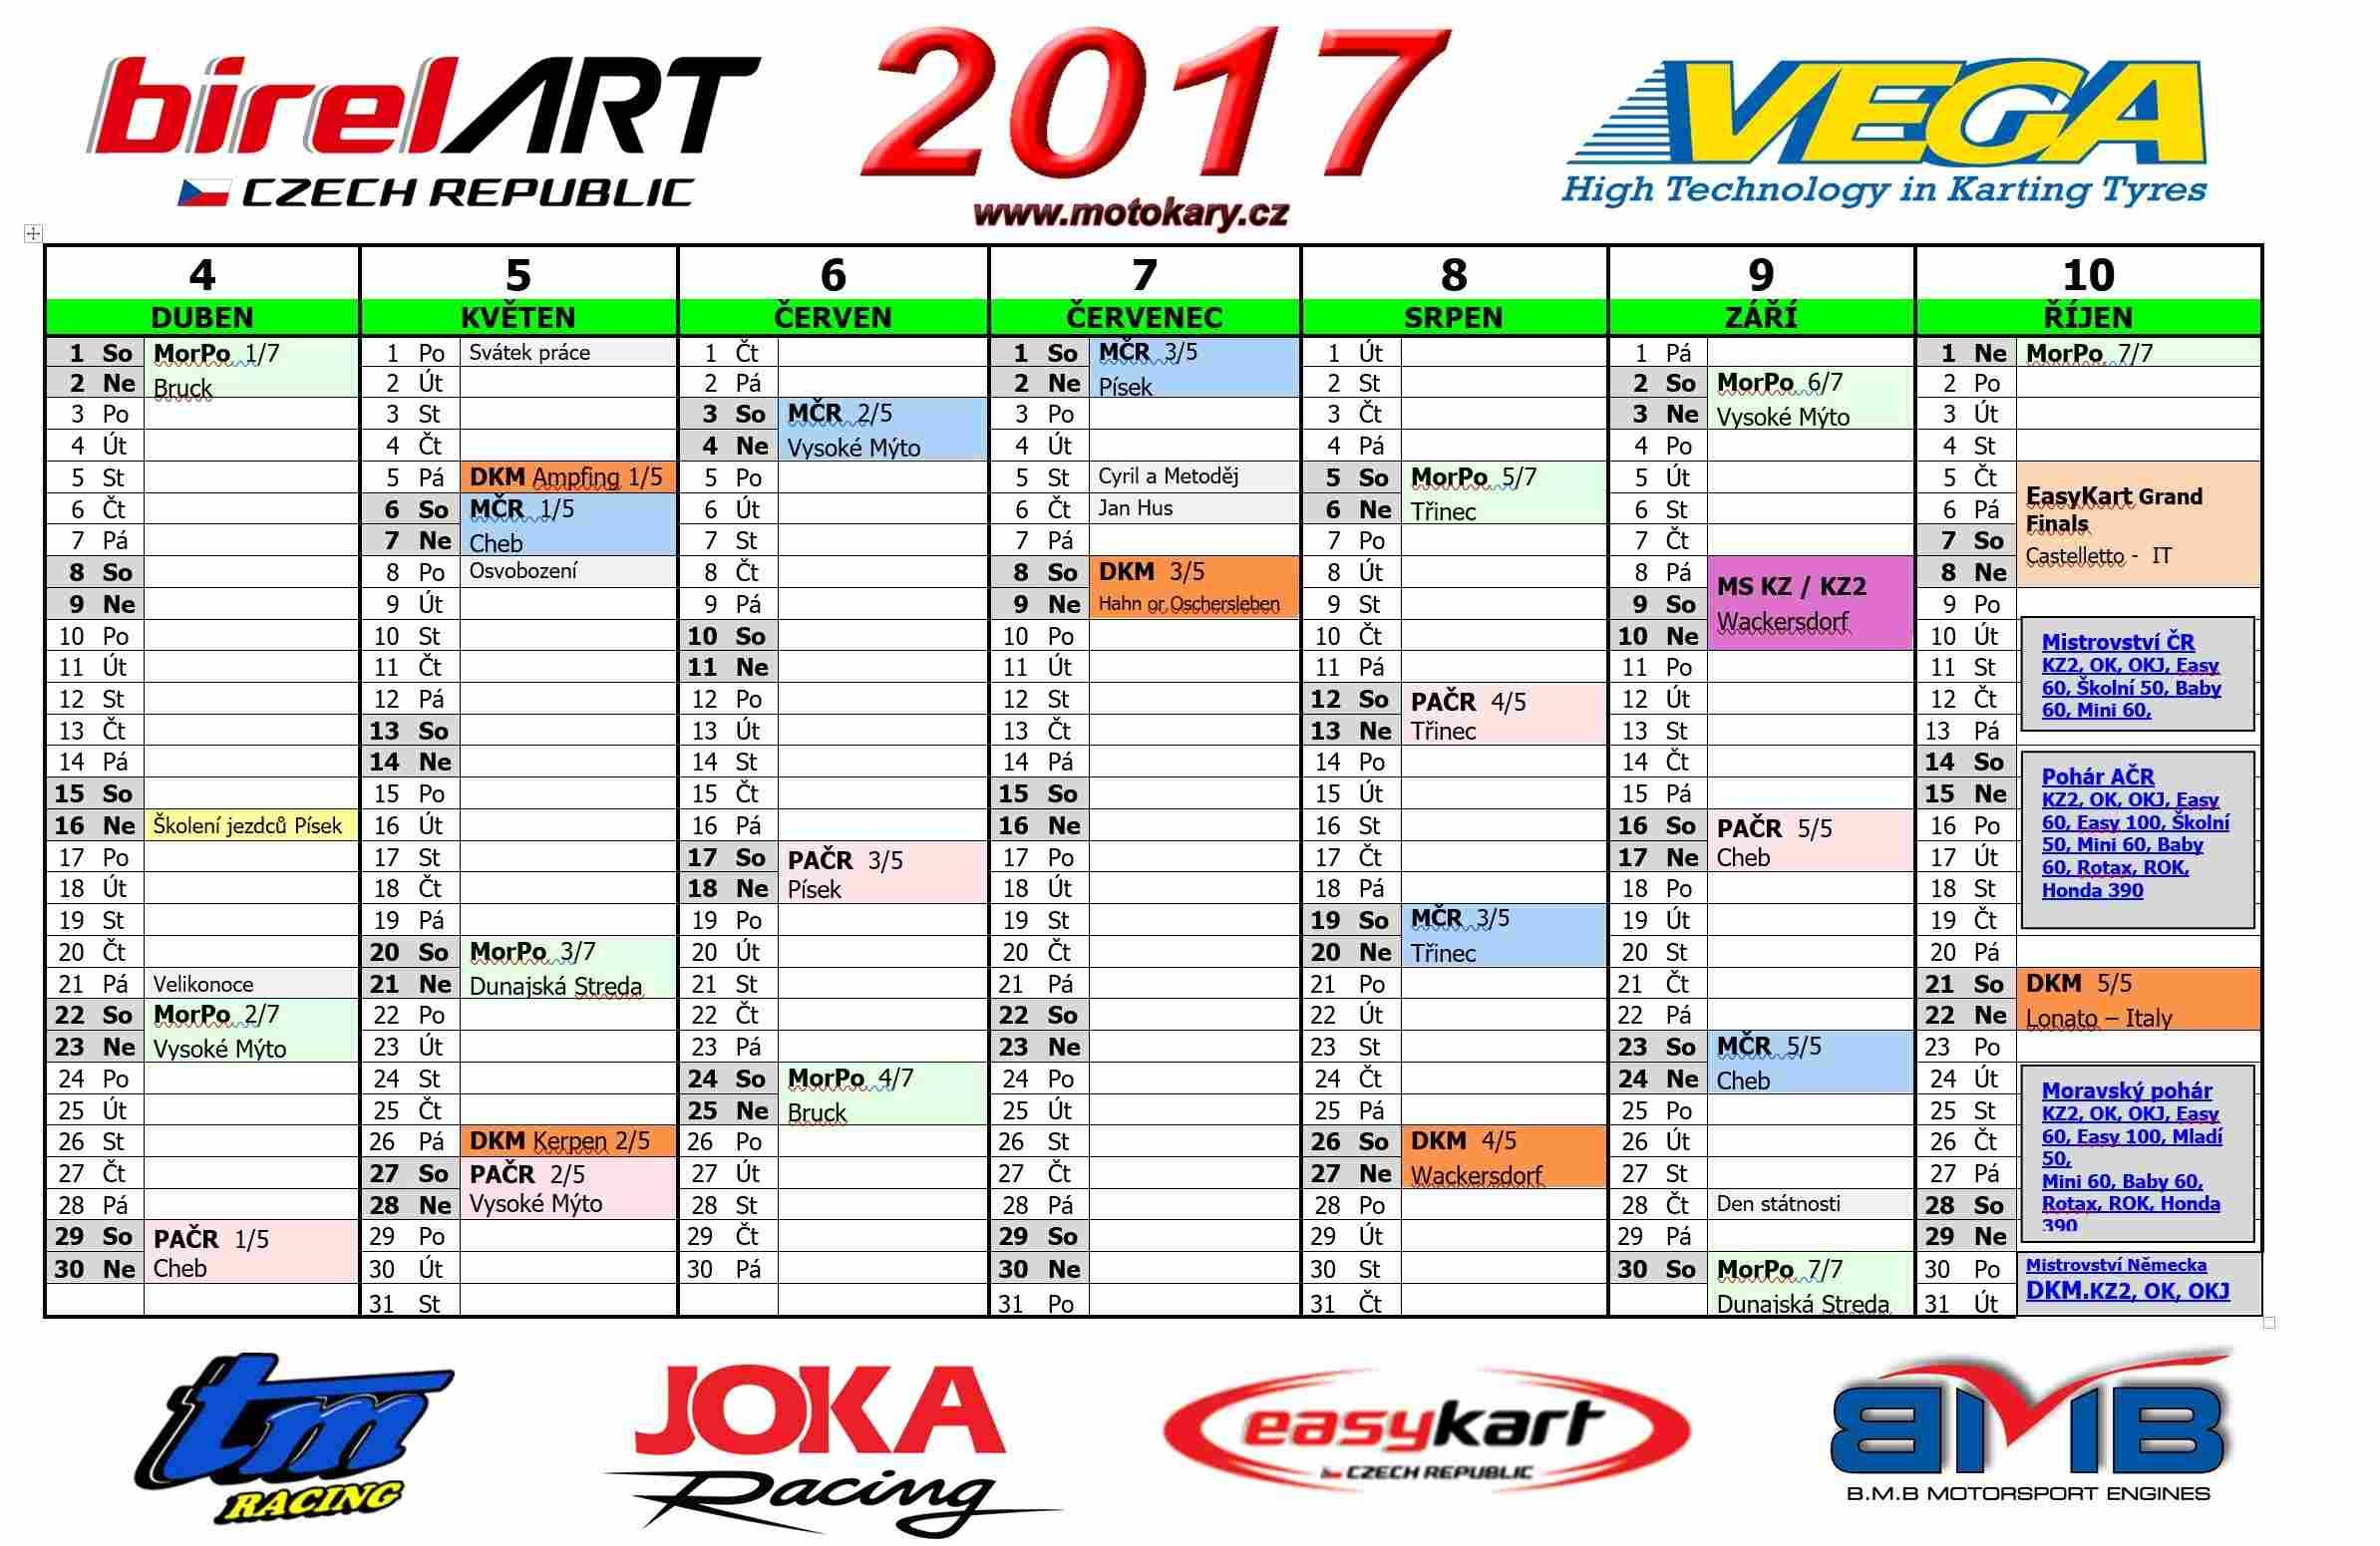 kalendar_2017a